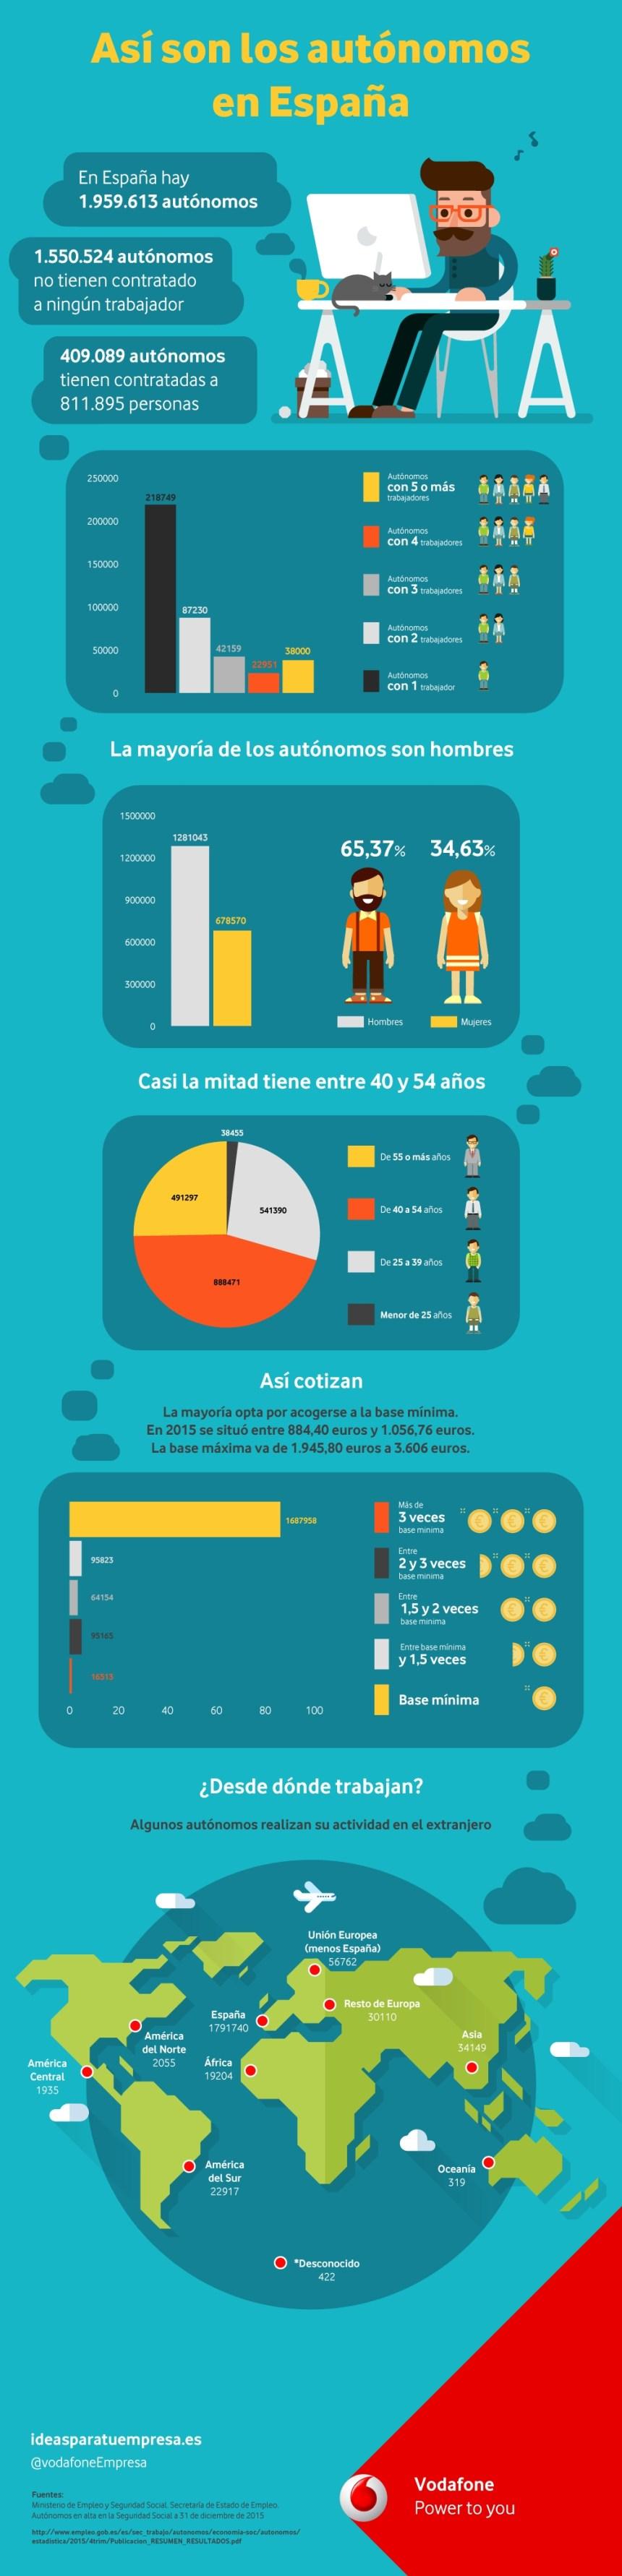 Así son los autónomos en España